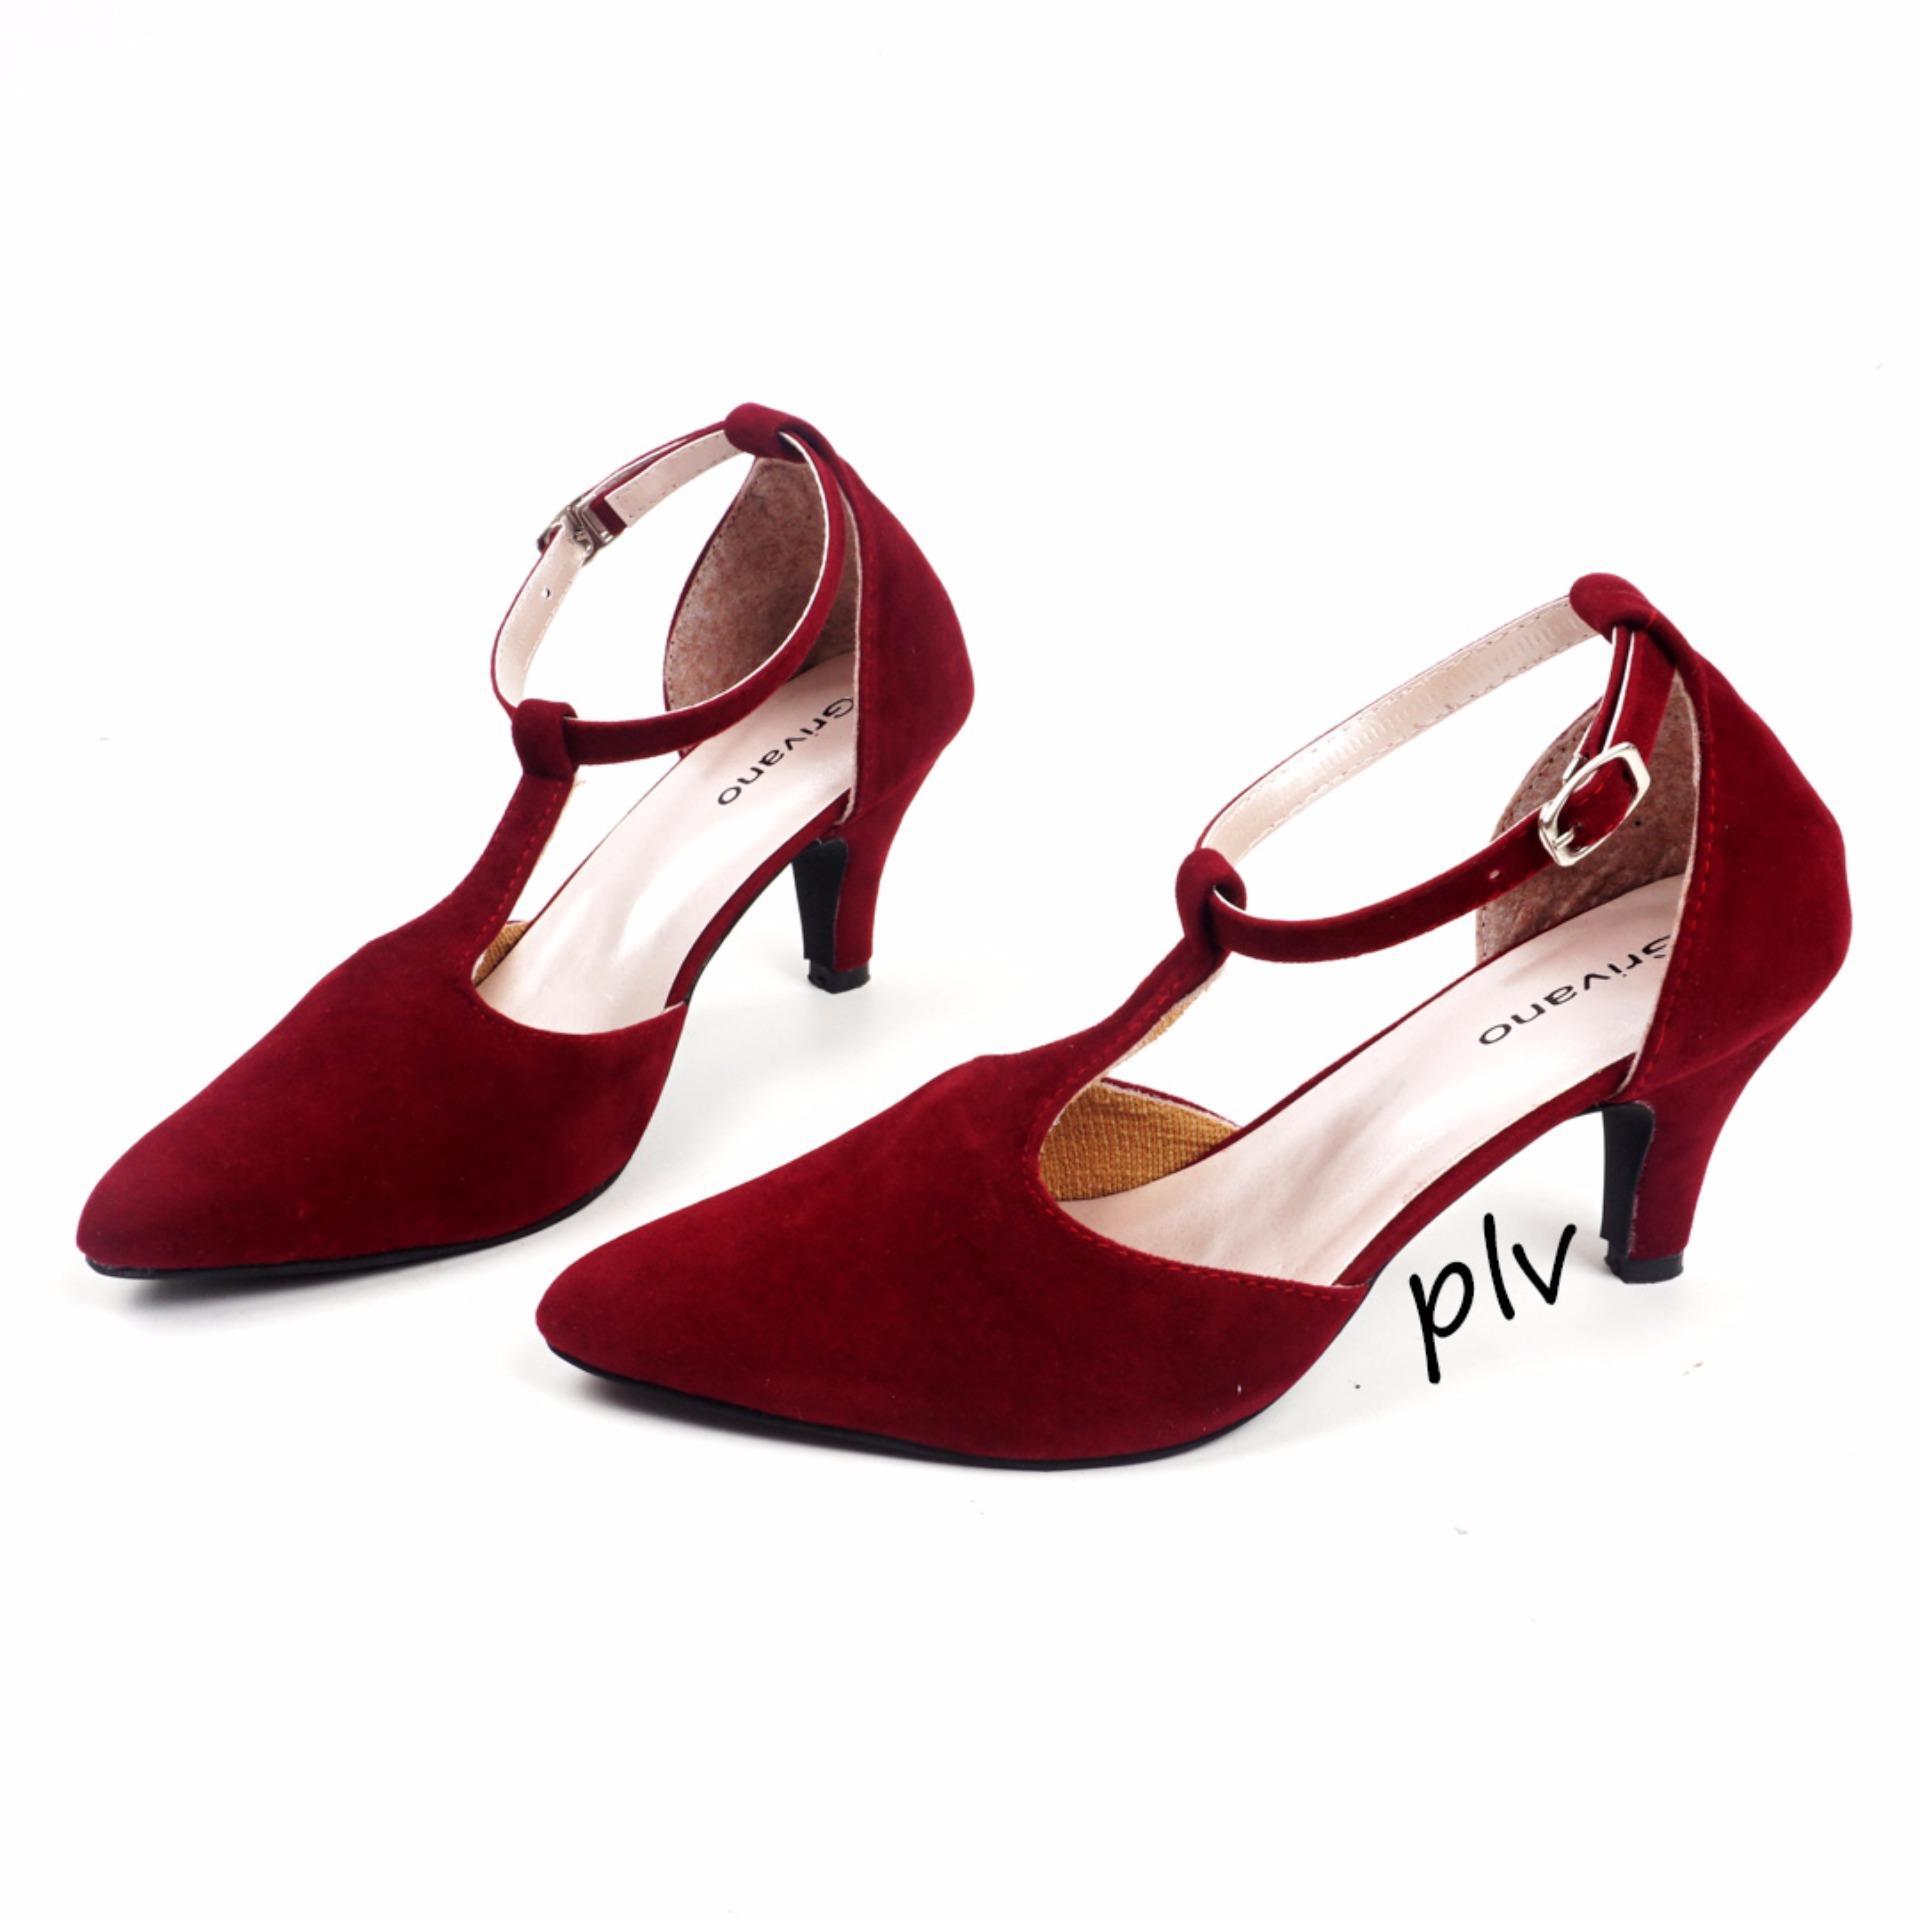 Sepatu High Heels Pantofel Kerja Pesta Wanita T-Strap JL03 - Maroon